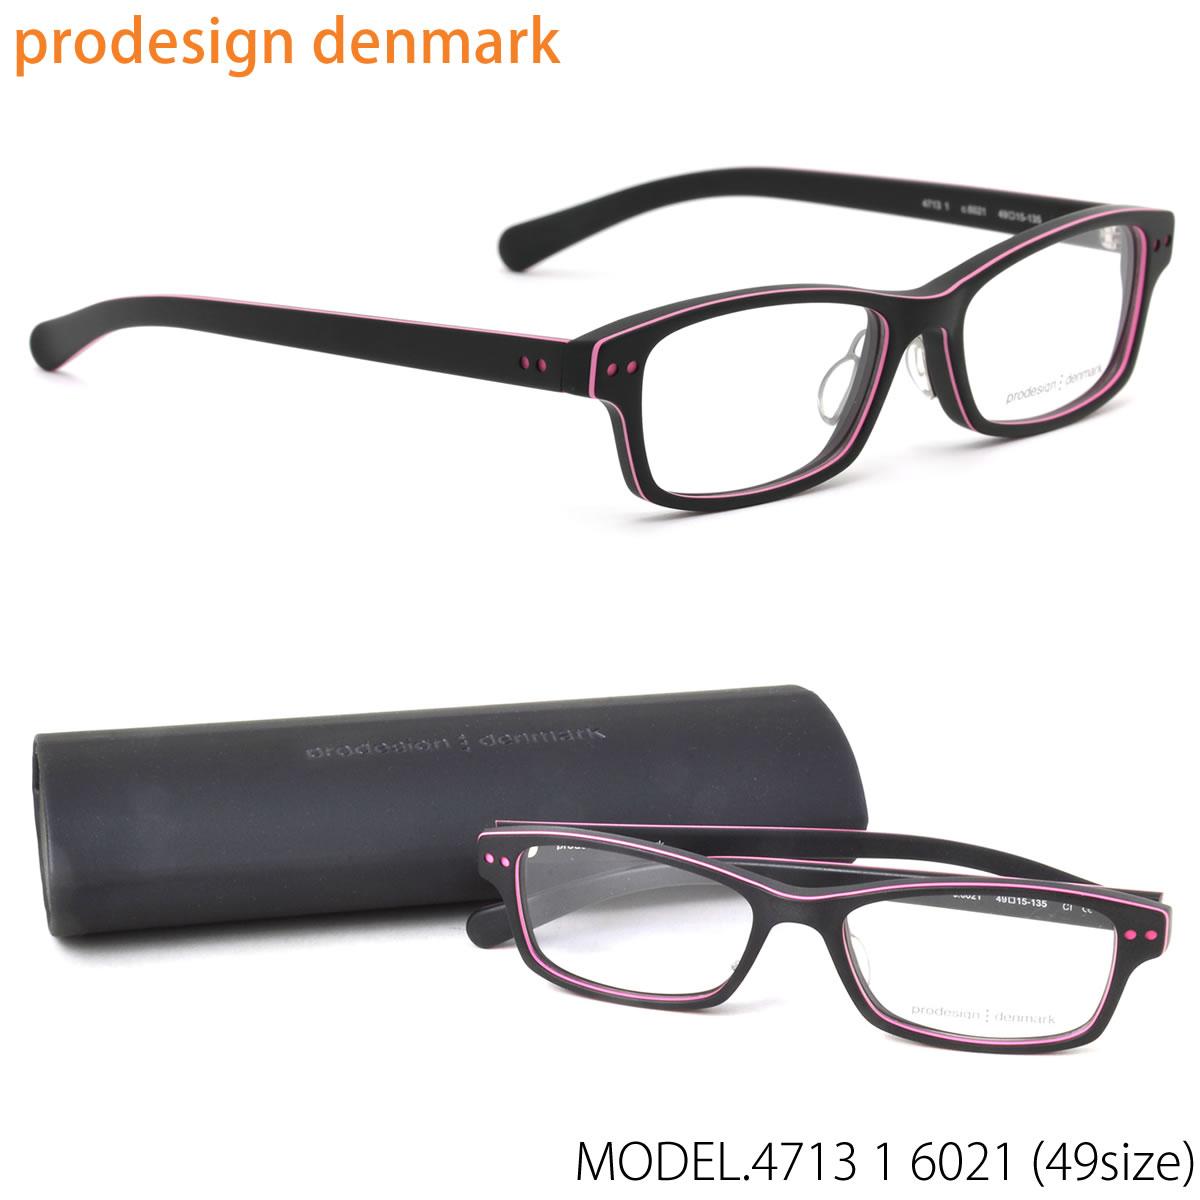 【10月30日からエントリーで全品ポイント20倍】prodesign:denmark(プロデザインデンマーク) メガネ フレーム 4713-1 6021 49 北欧 スクエア 伊達メガネレンズ無料 プロデザインデンマーク prodesign:denmark メンズ レディース【LOS30】